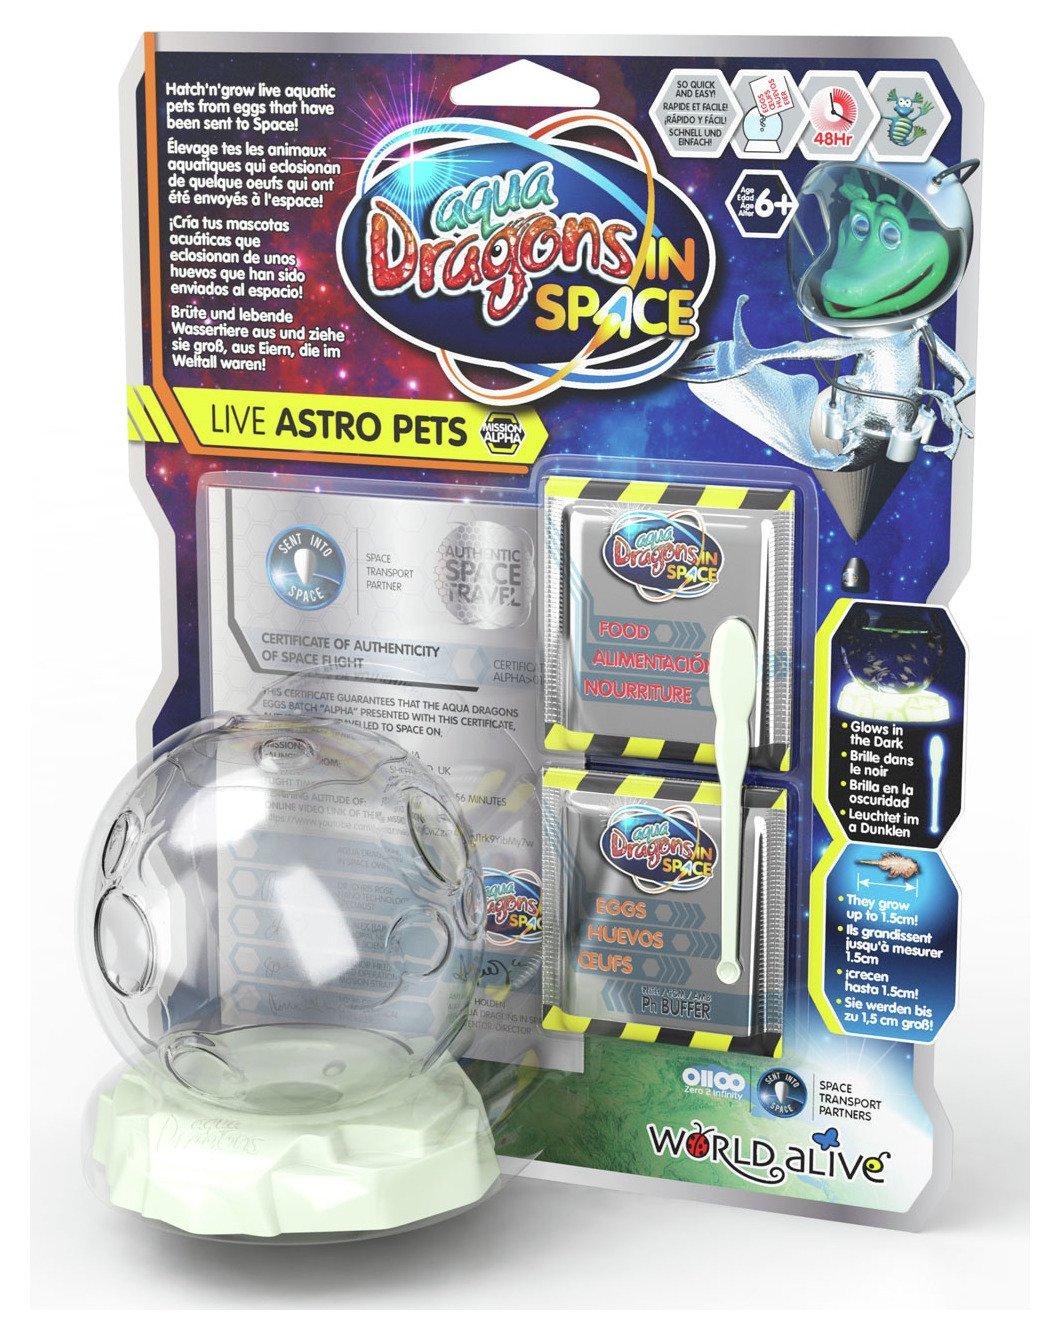 Image of Aqua Dragons Live Astro Pets.